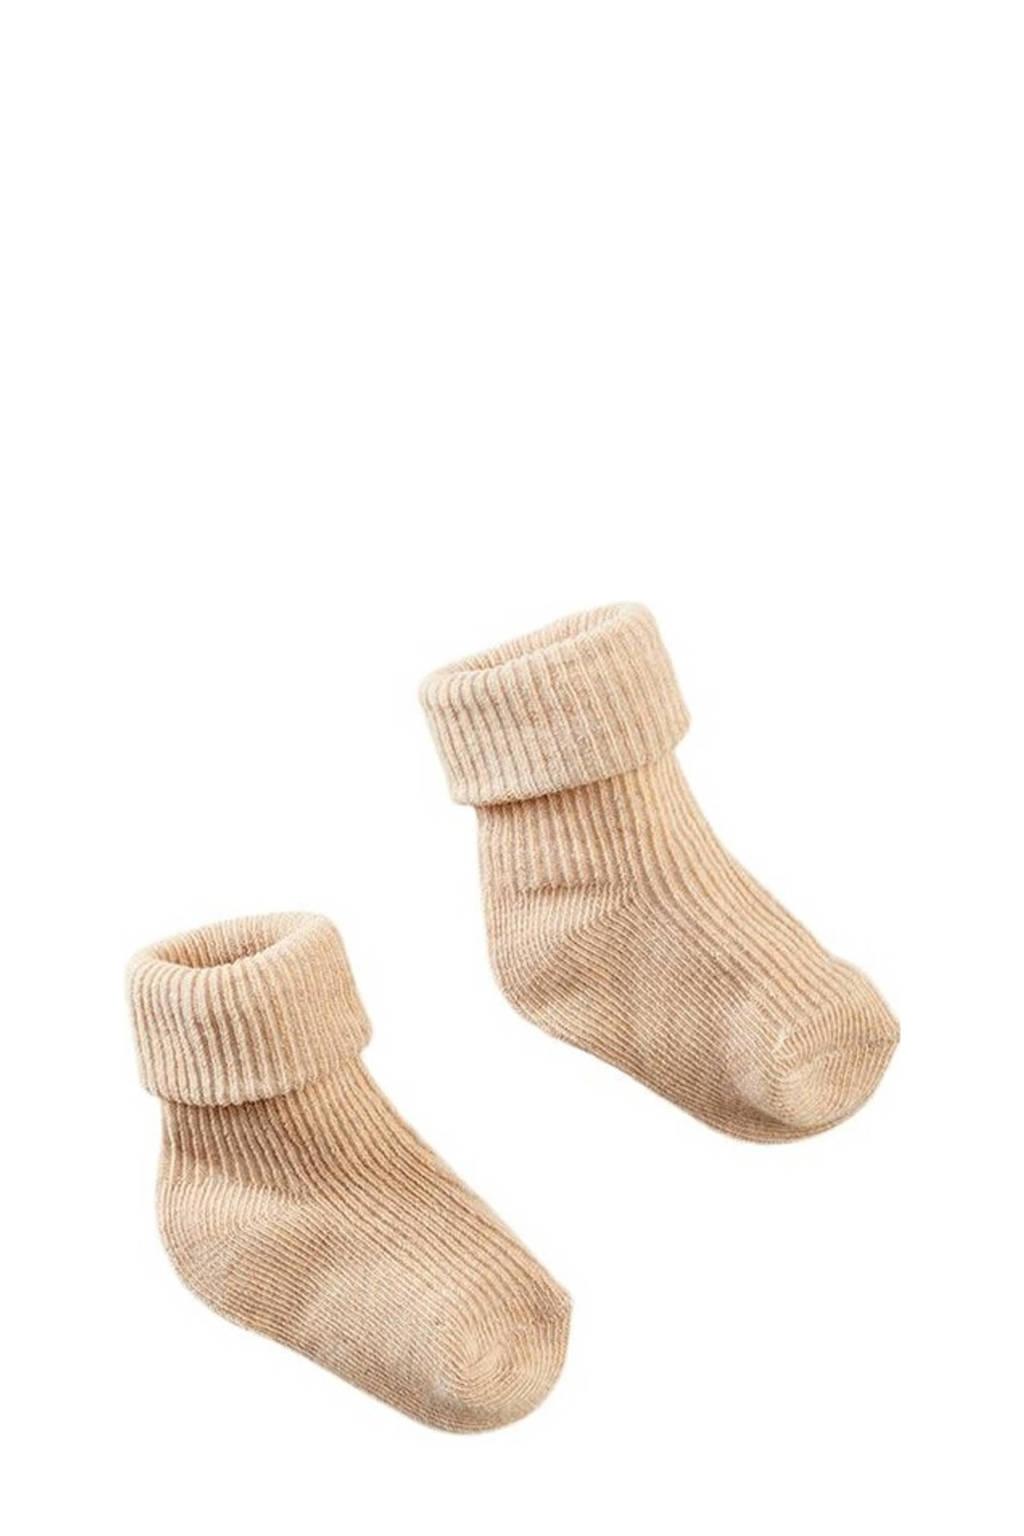 Z8 newborn baby sokken Kiawah beige, Beige